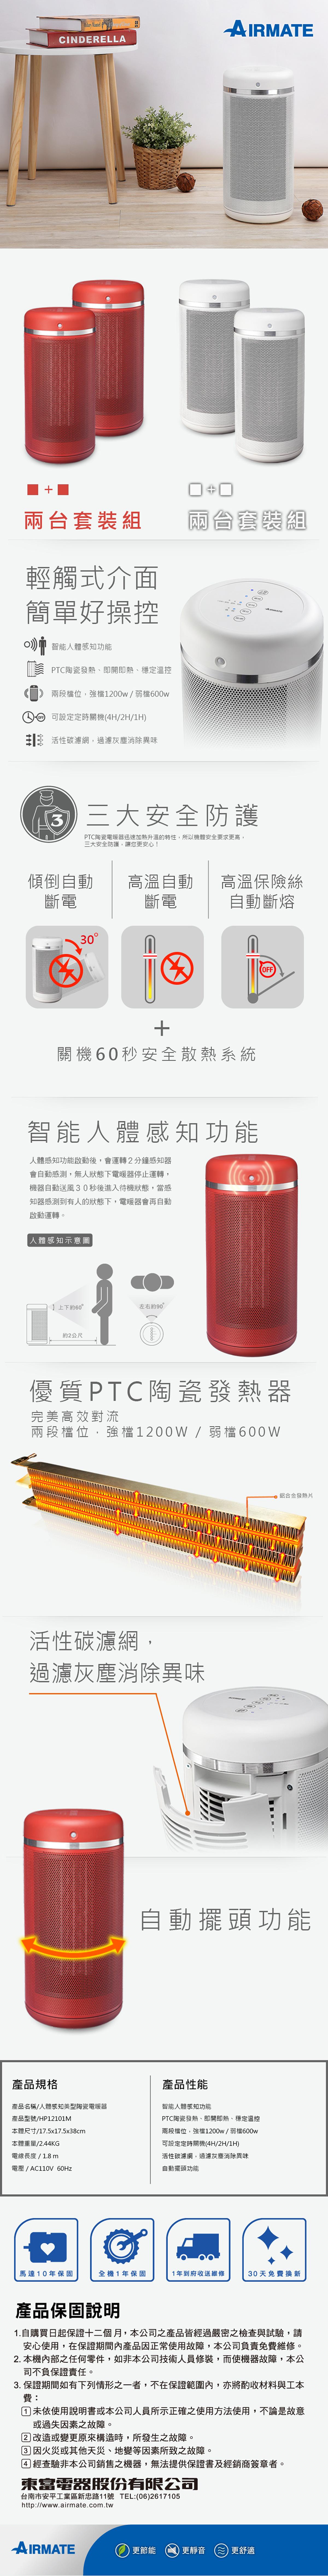 艾美特陶瓷電暖器 自動斷電 人體感知功能 ㄧ組2台  (HP12101M) 17.5x17.5x38CM-紅色